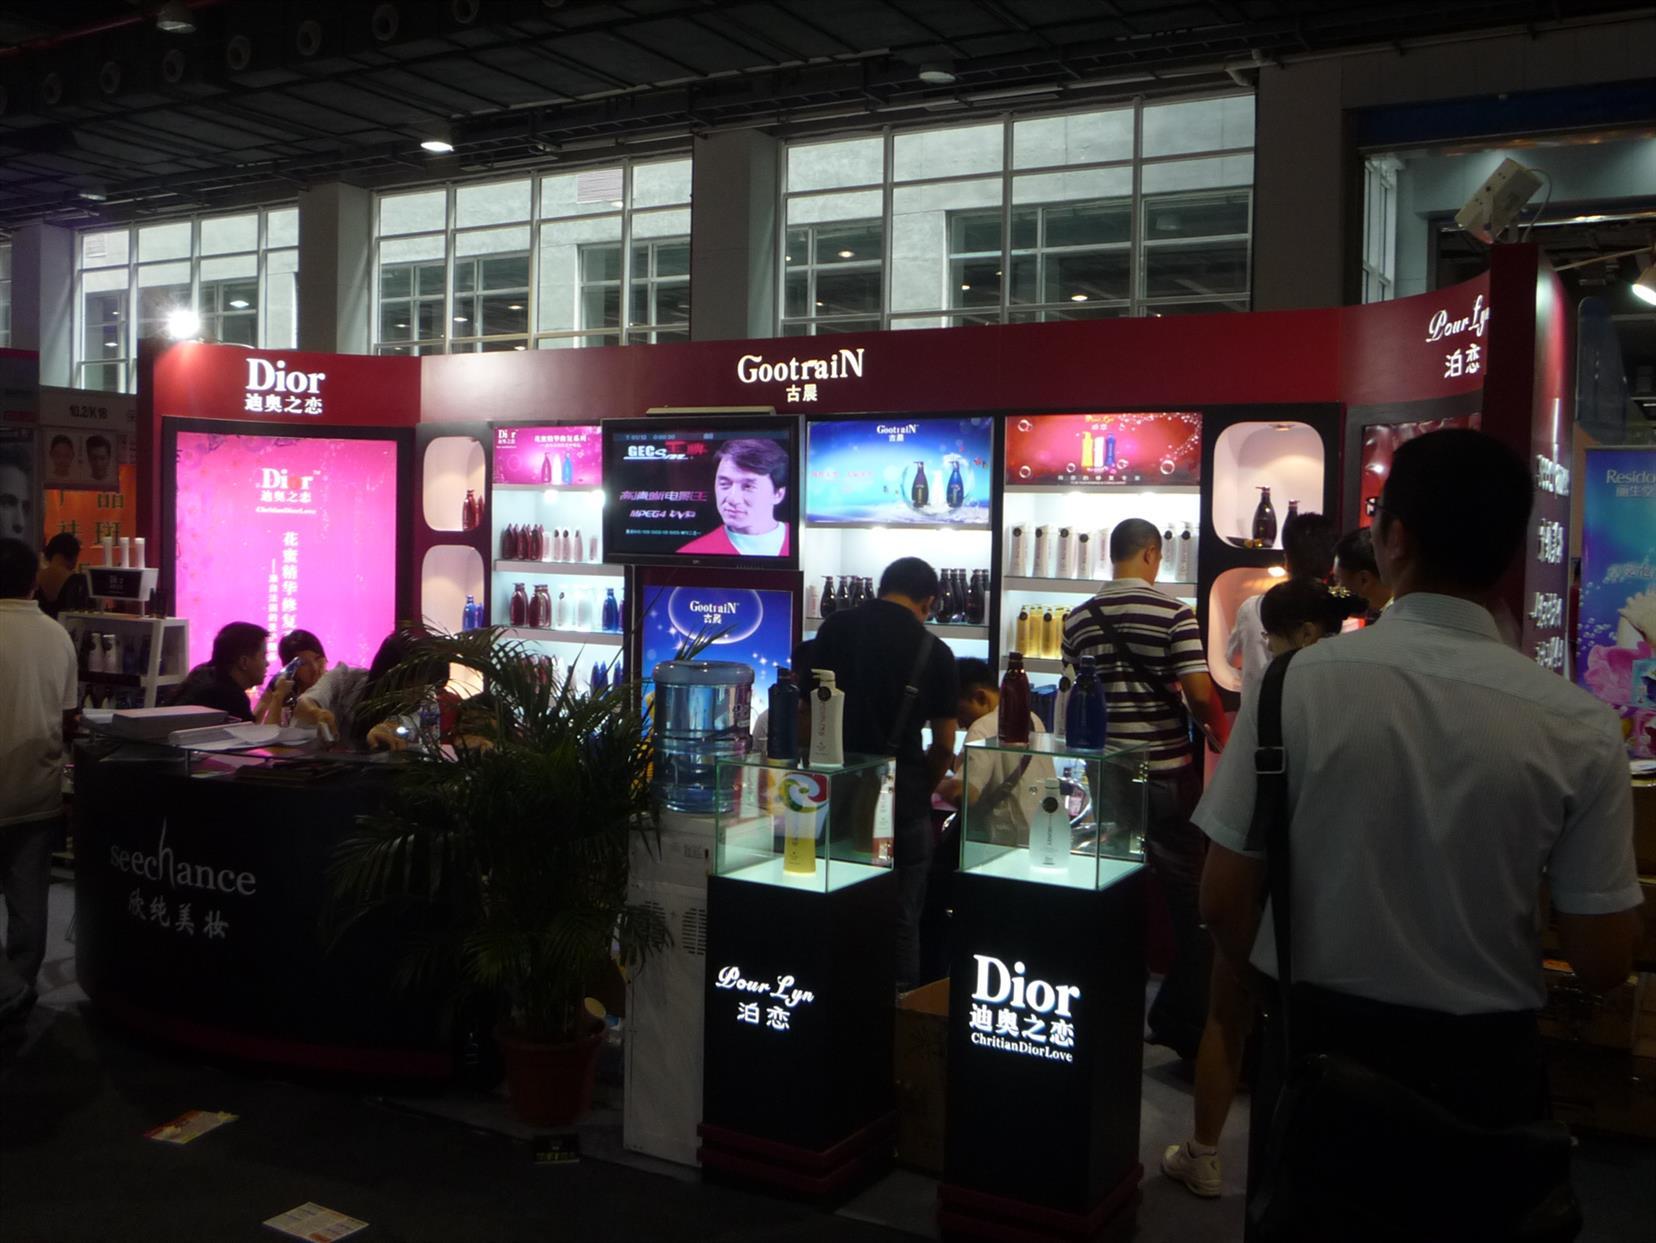 深圳美容美发化妆品展设计搭建